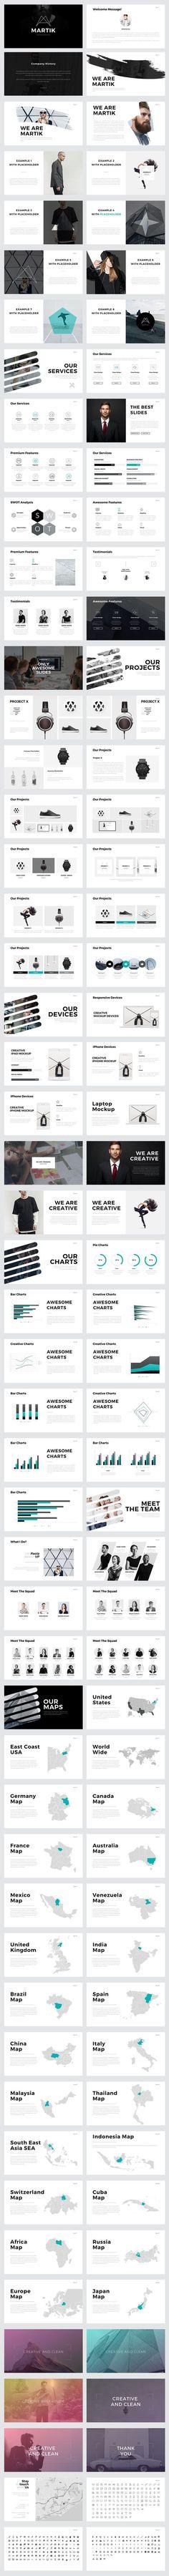 57 best presentation design inspiration images on pinterest page